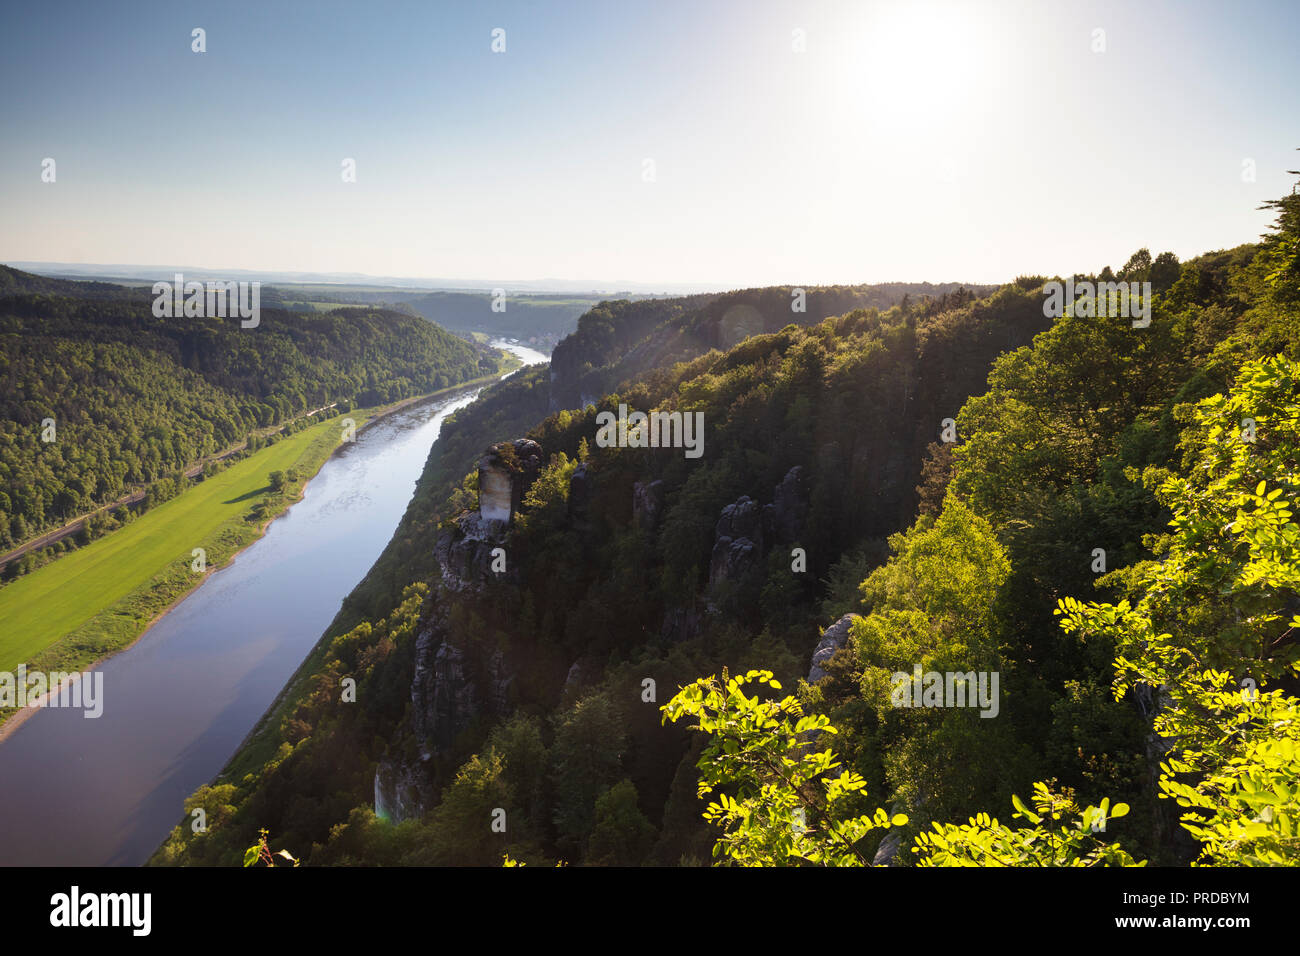 Europe, Germany, Saxony, Saxon Switzerland National Park, river Elbe - Stock Image